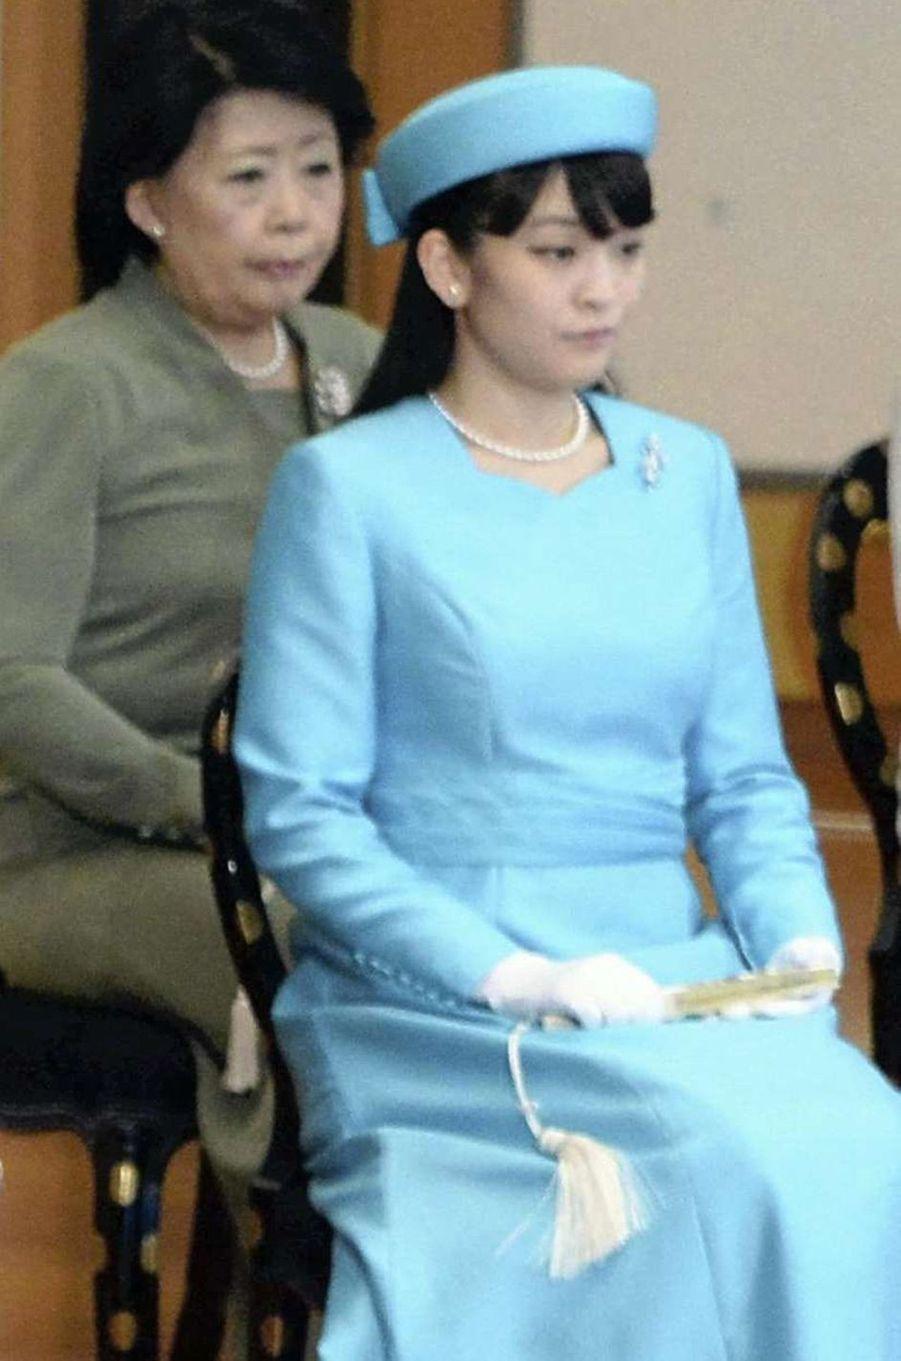 La princesse Mako à Tokyo, le 11 janvier 2017